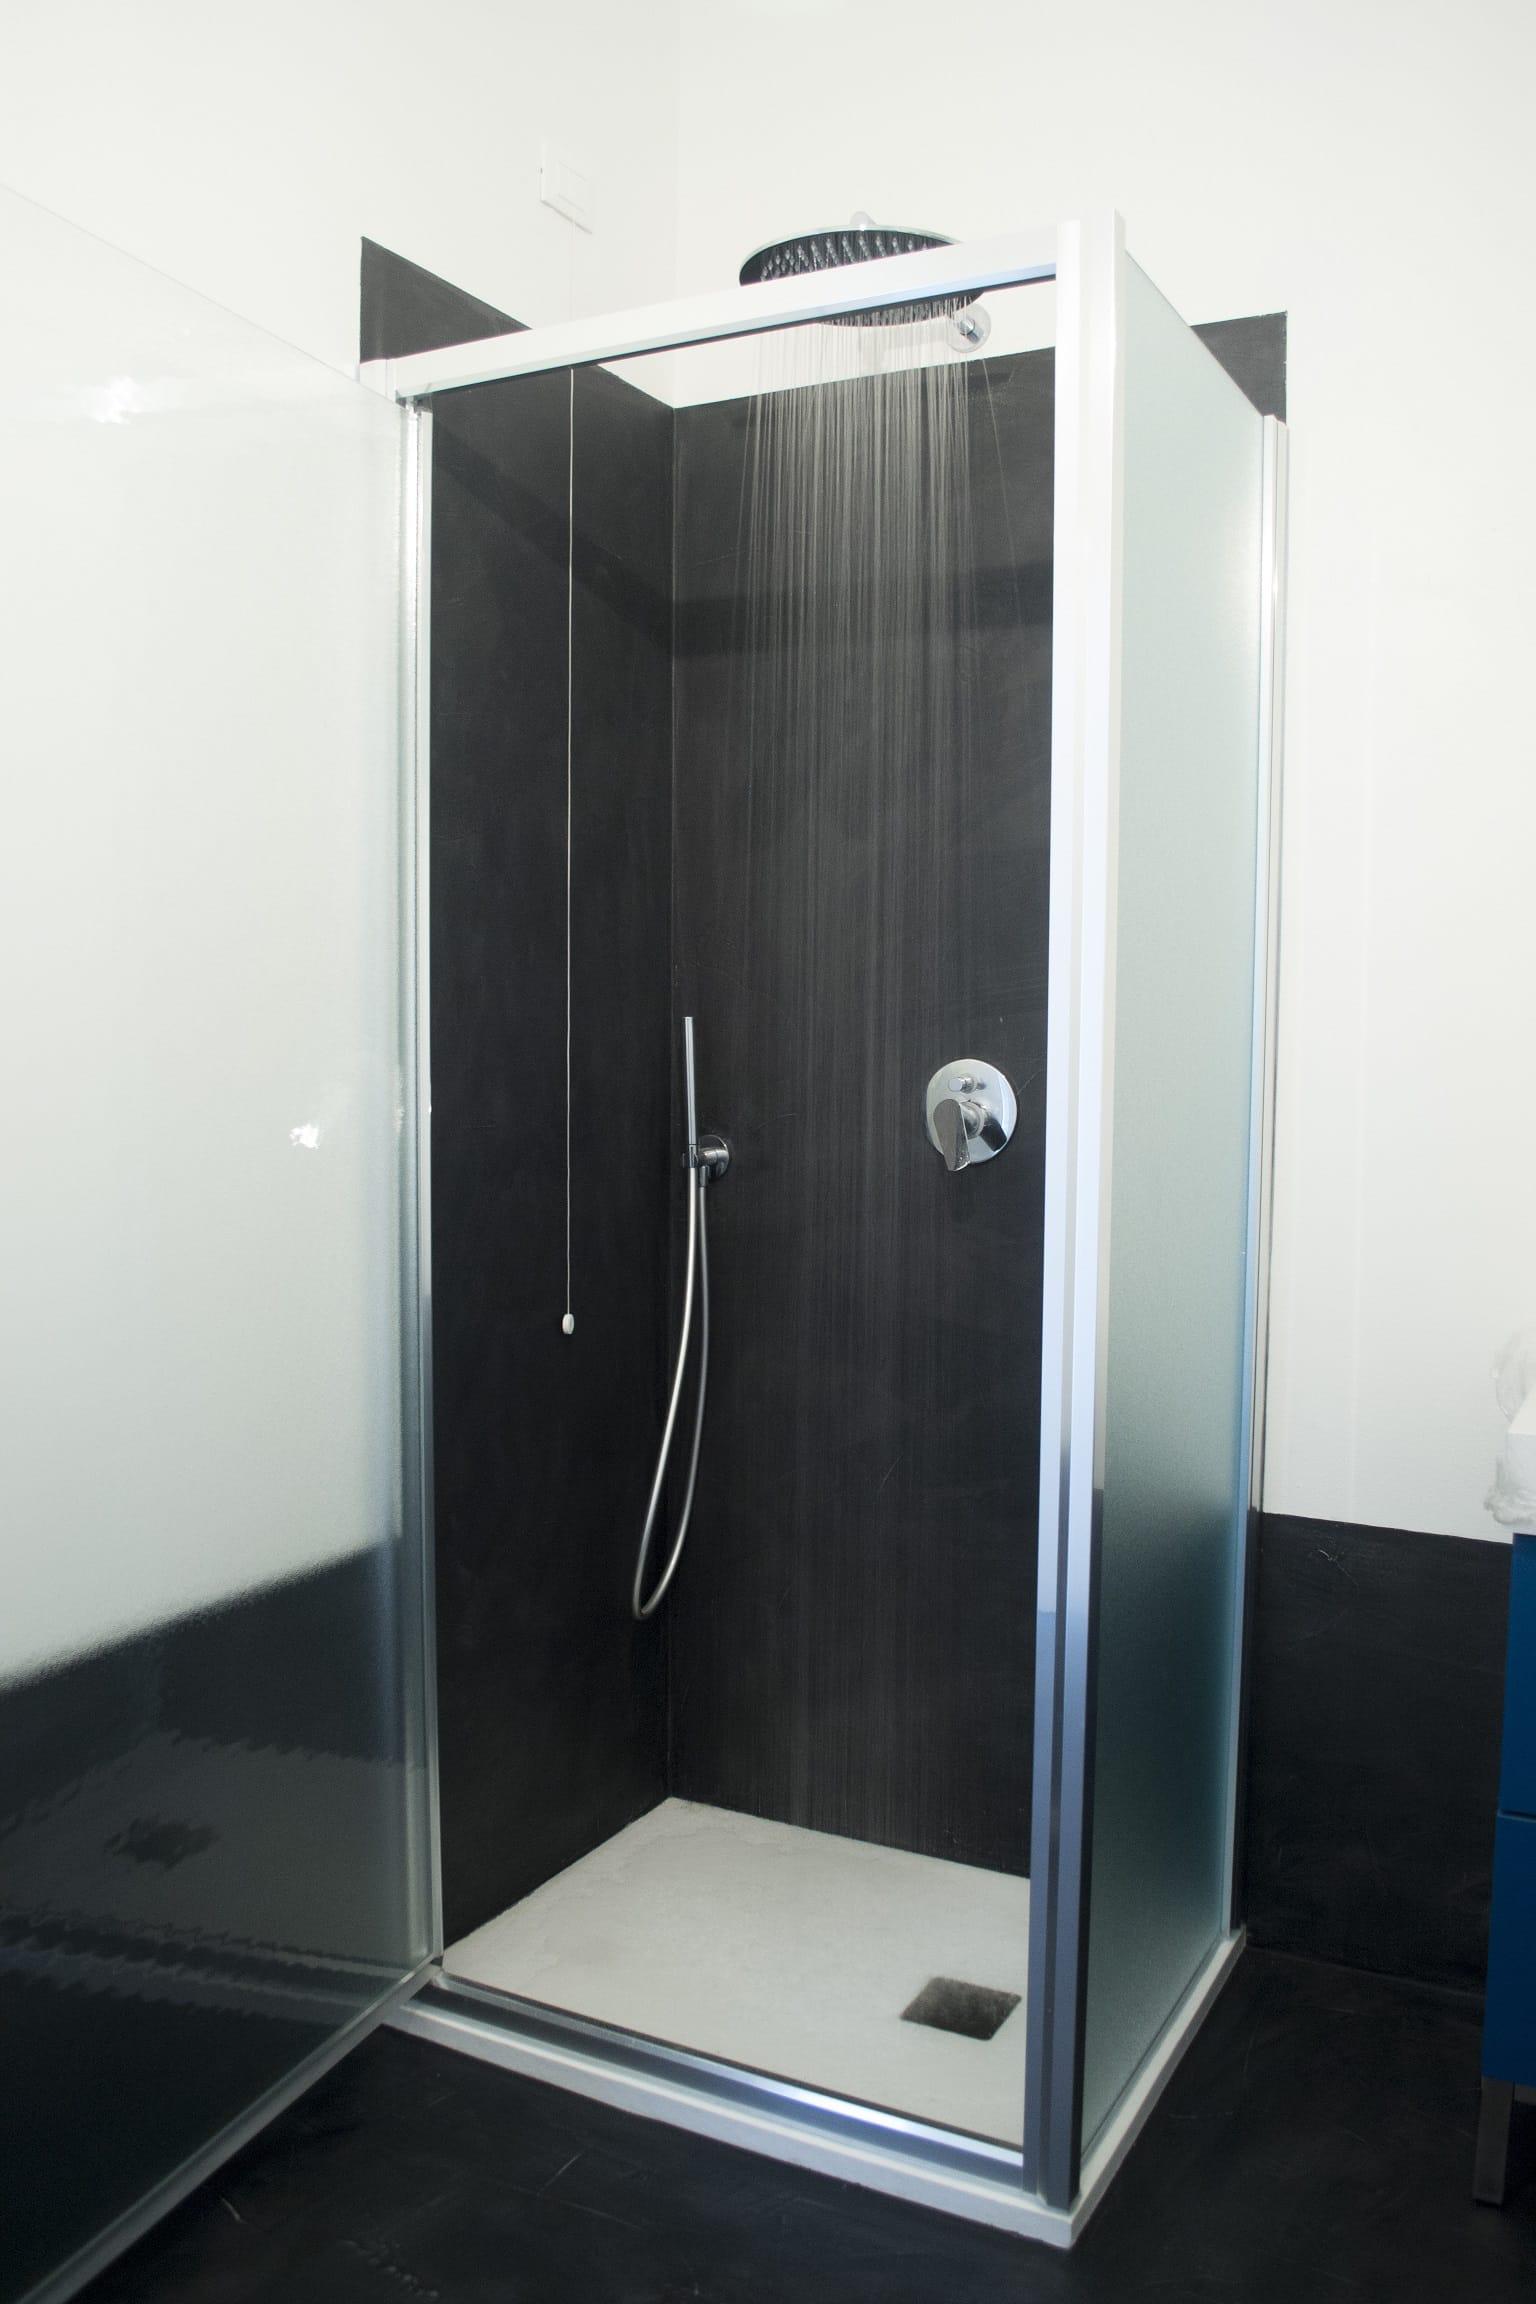 Pavimento resina nera per un bagno - Resina bagno prezzo ...